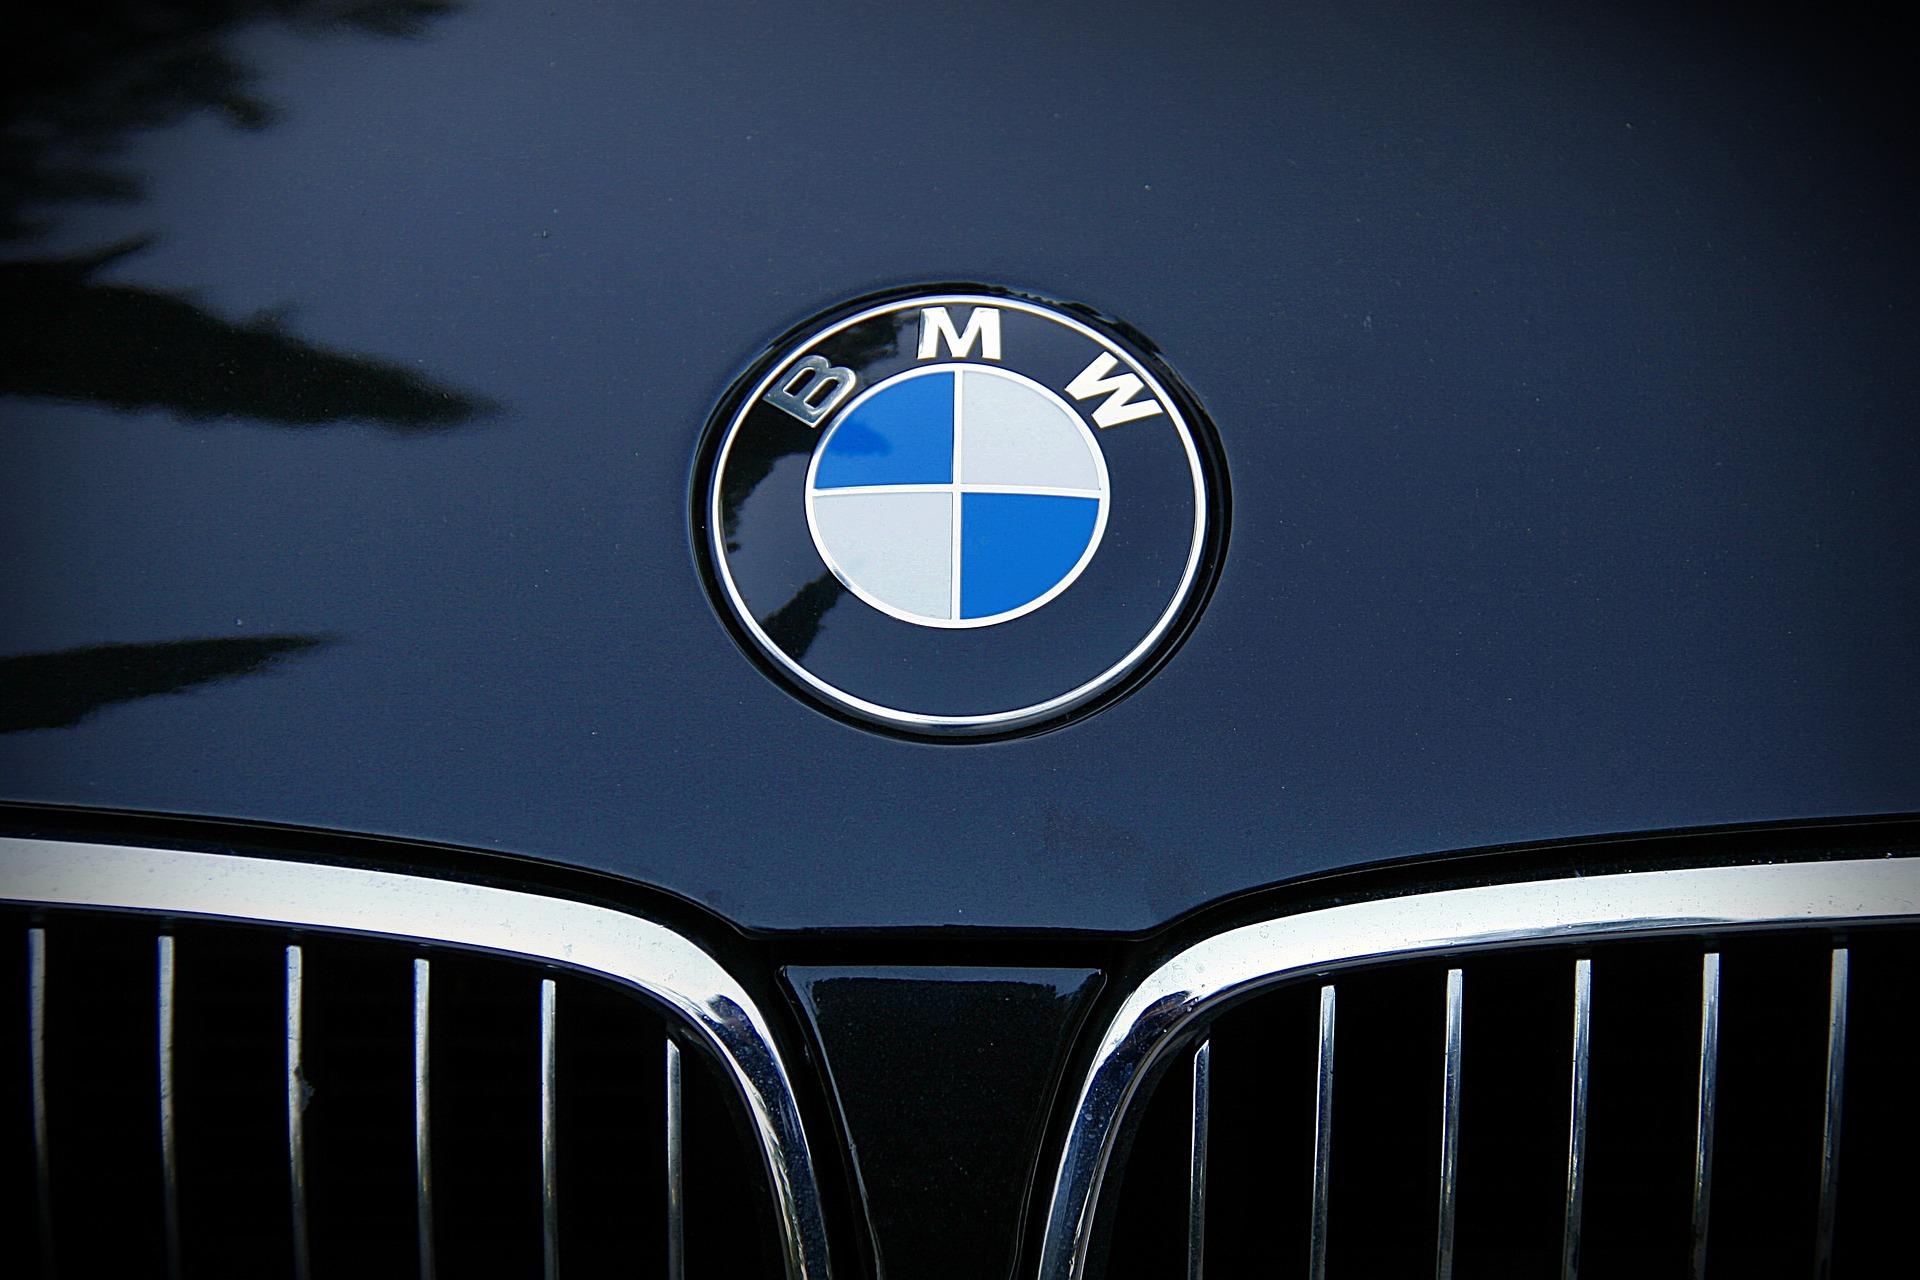 『できる営業マンが乗る』BMW事情